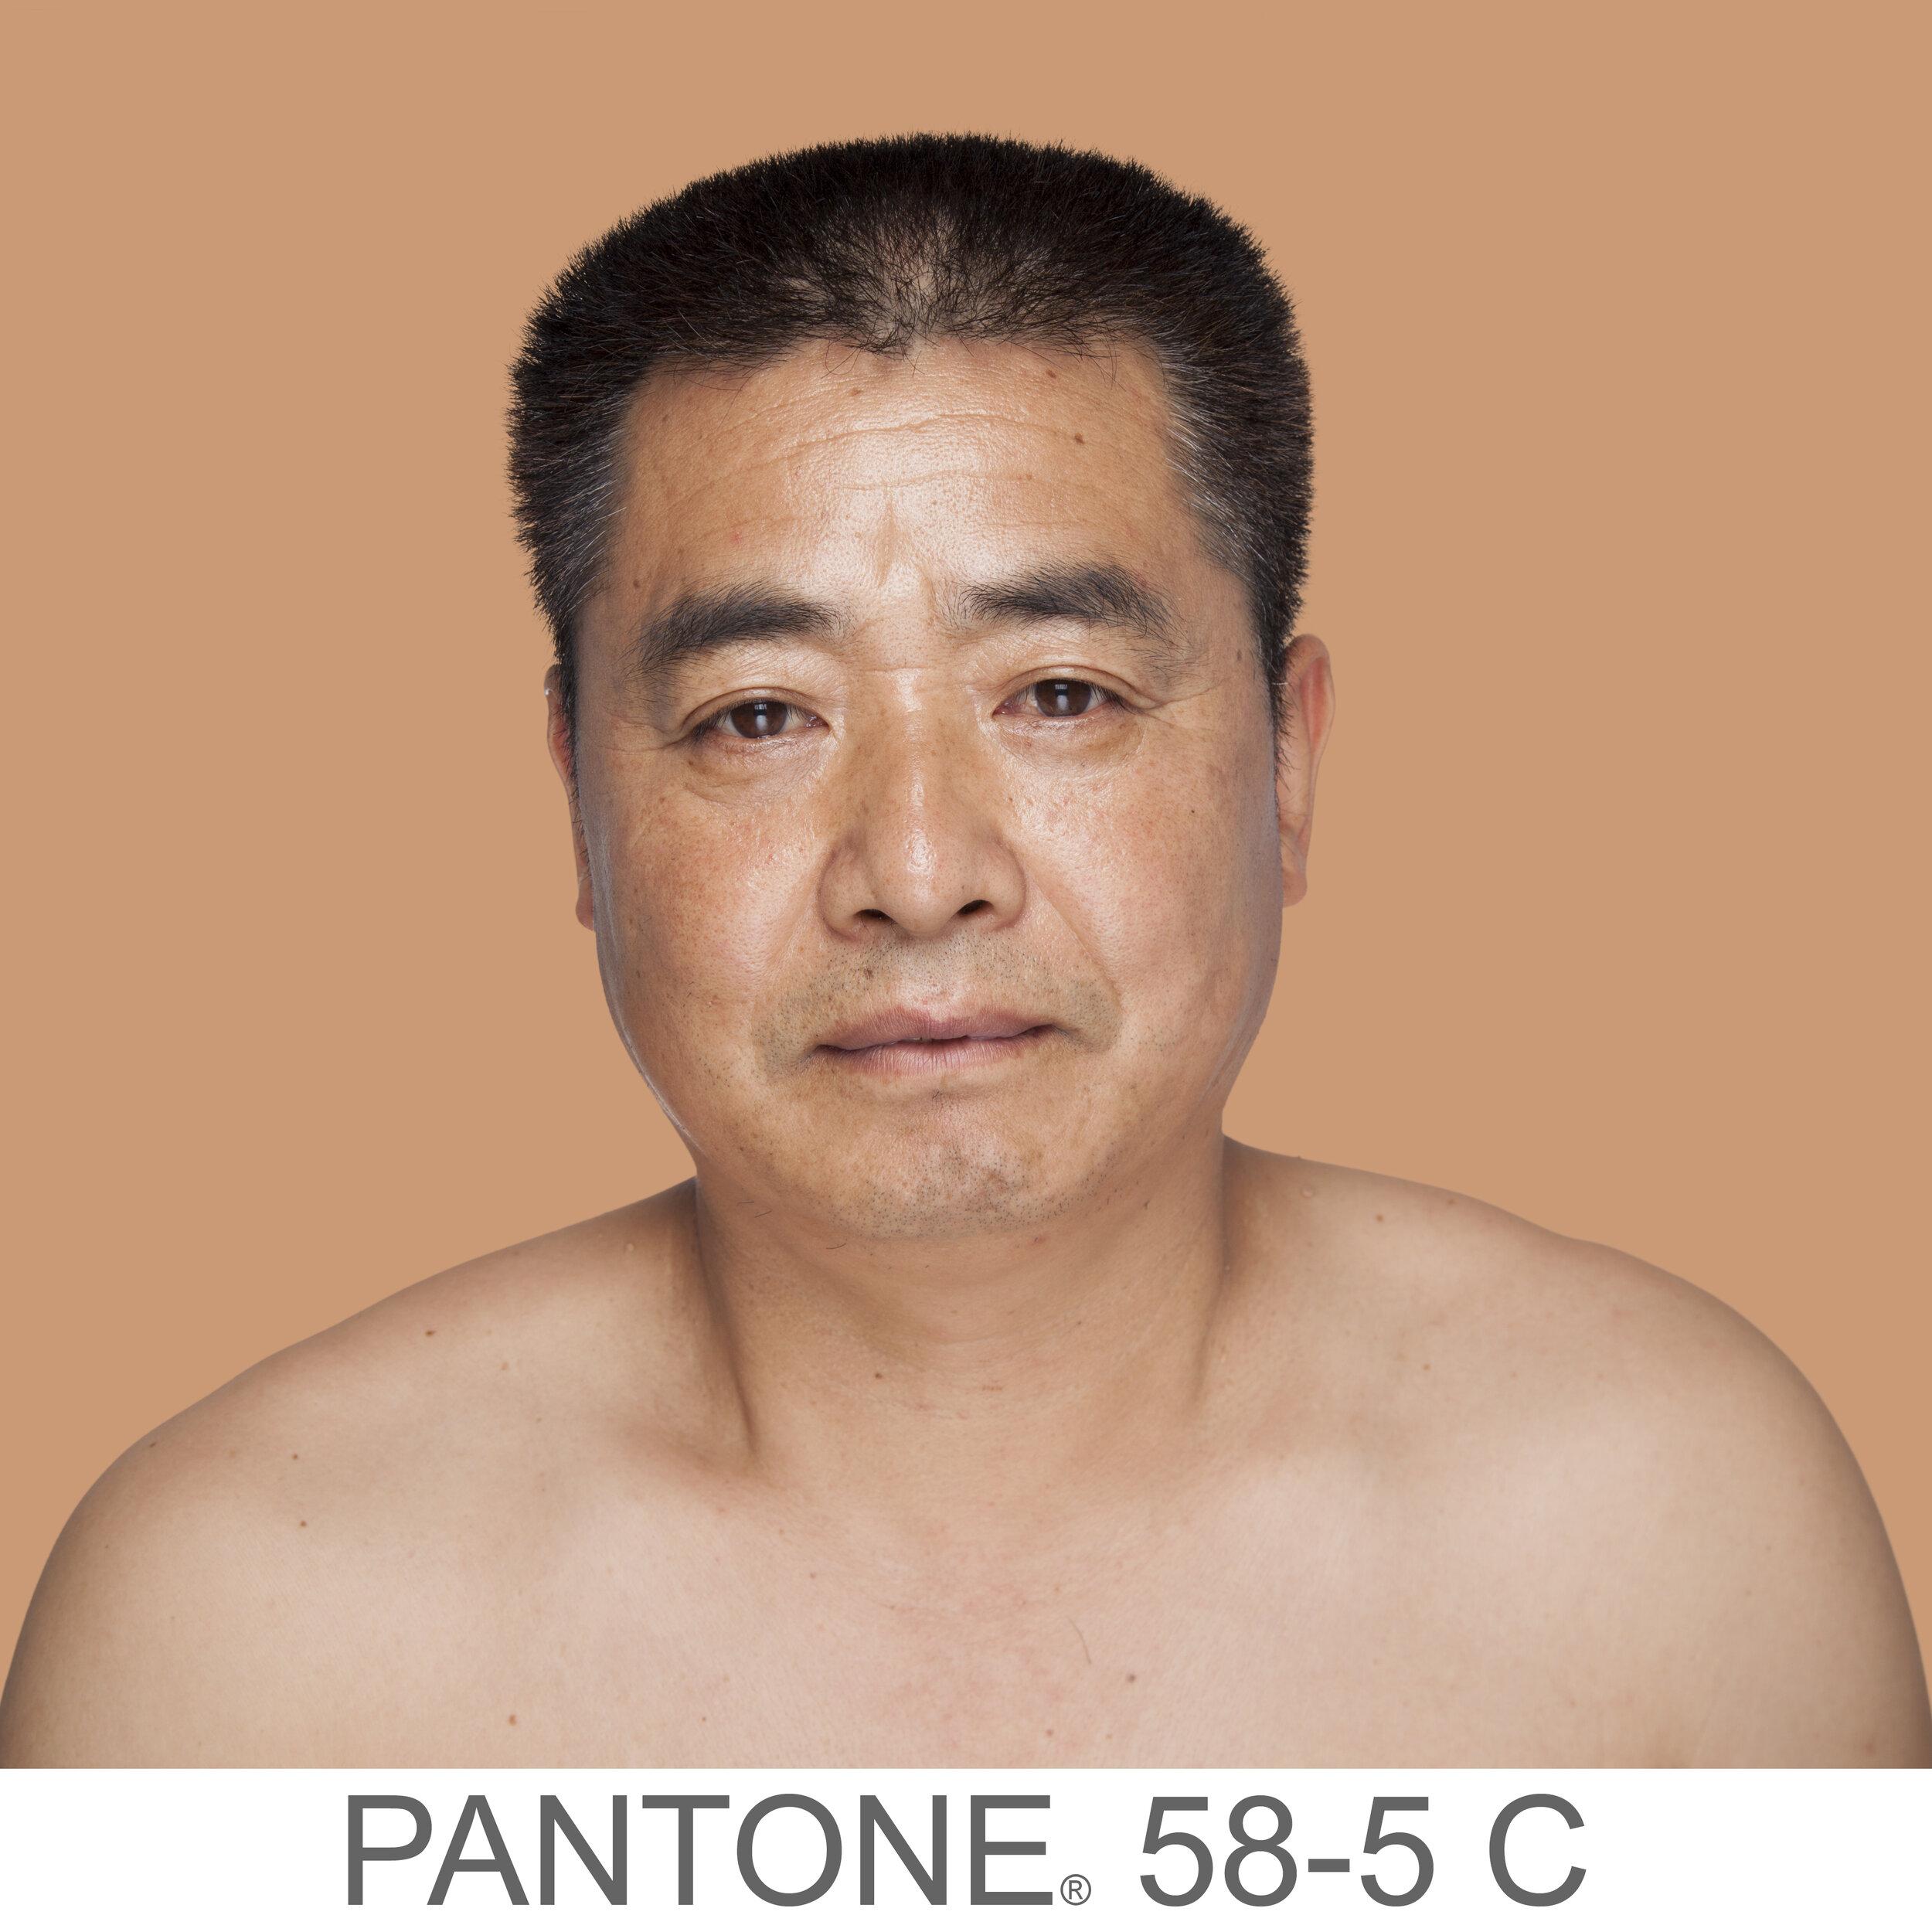 humanae 58-5 C CN copia.jpg